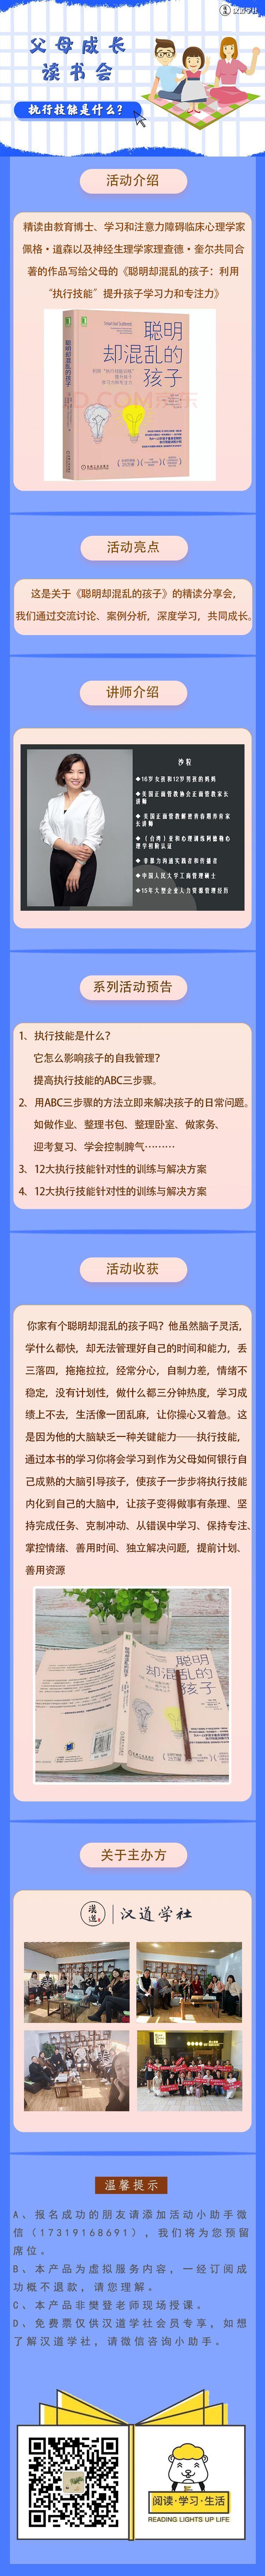 【长图】父母成长读书会-执行技能是什么?.jpg